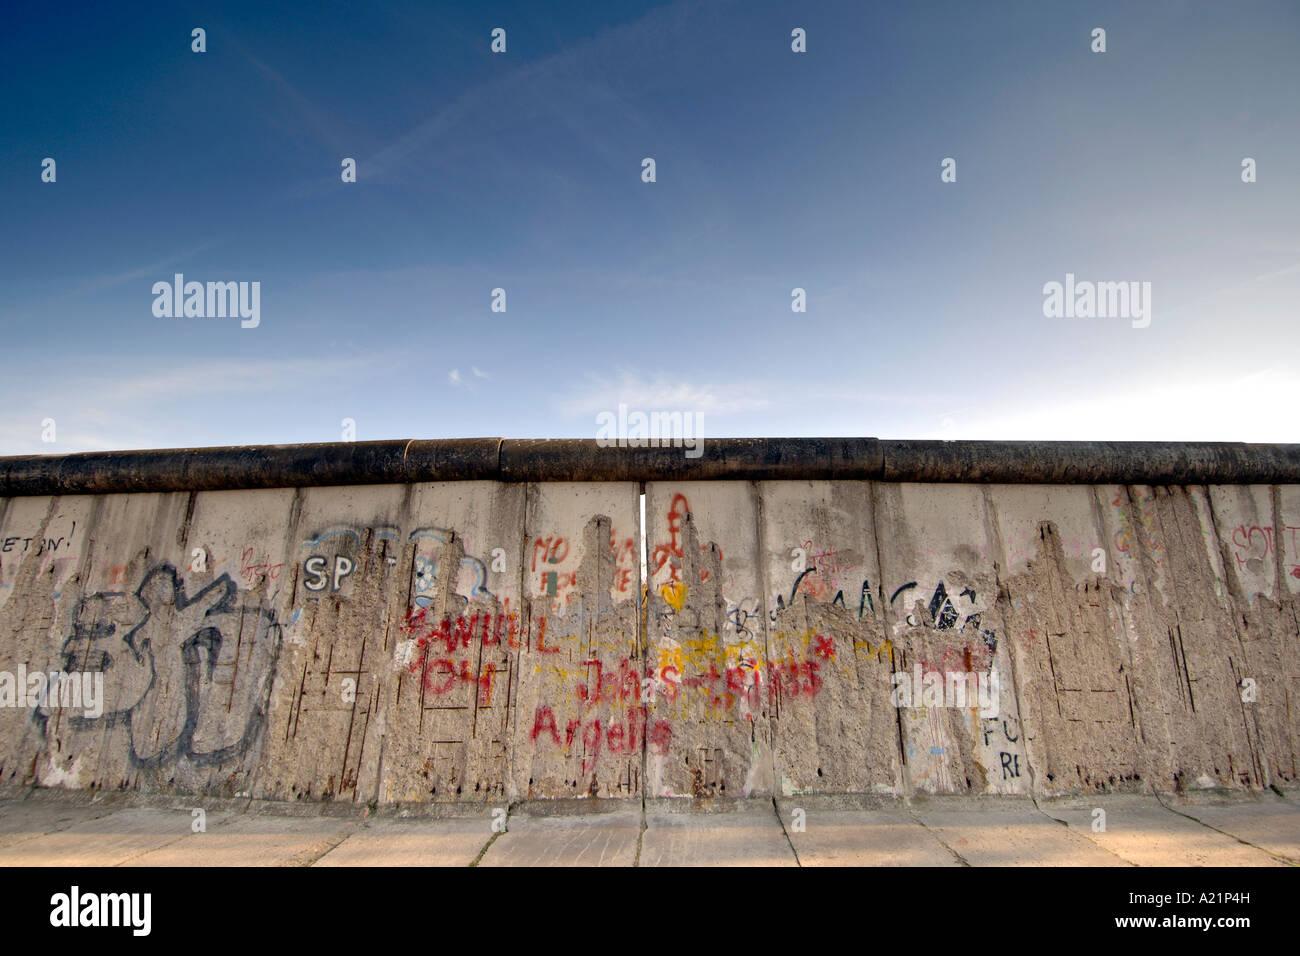 El muro de Berlín a lo largo de la Bernauer Straße en Berlín oriental de Alemania. Imagen De Stock